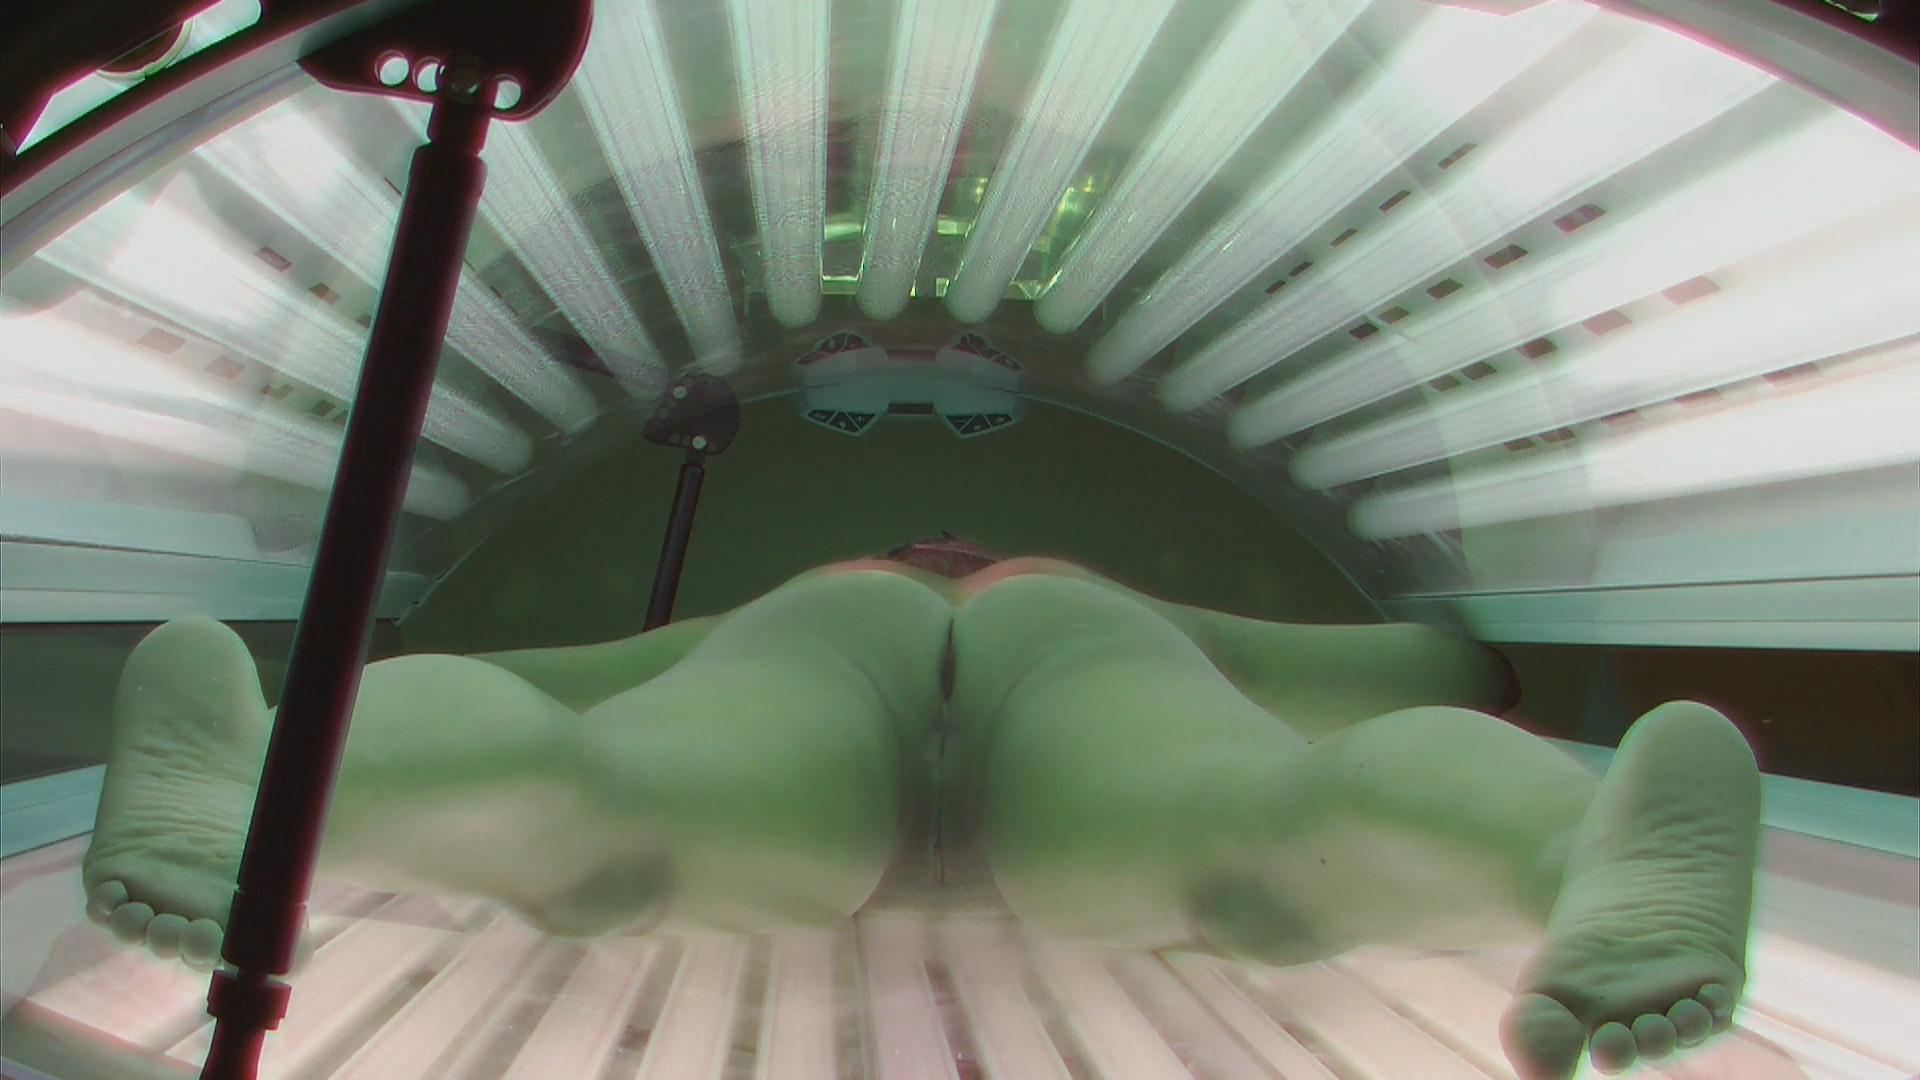 Порно видео онлайн скрытая камера в солярии